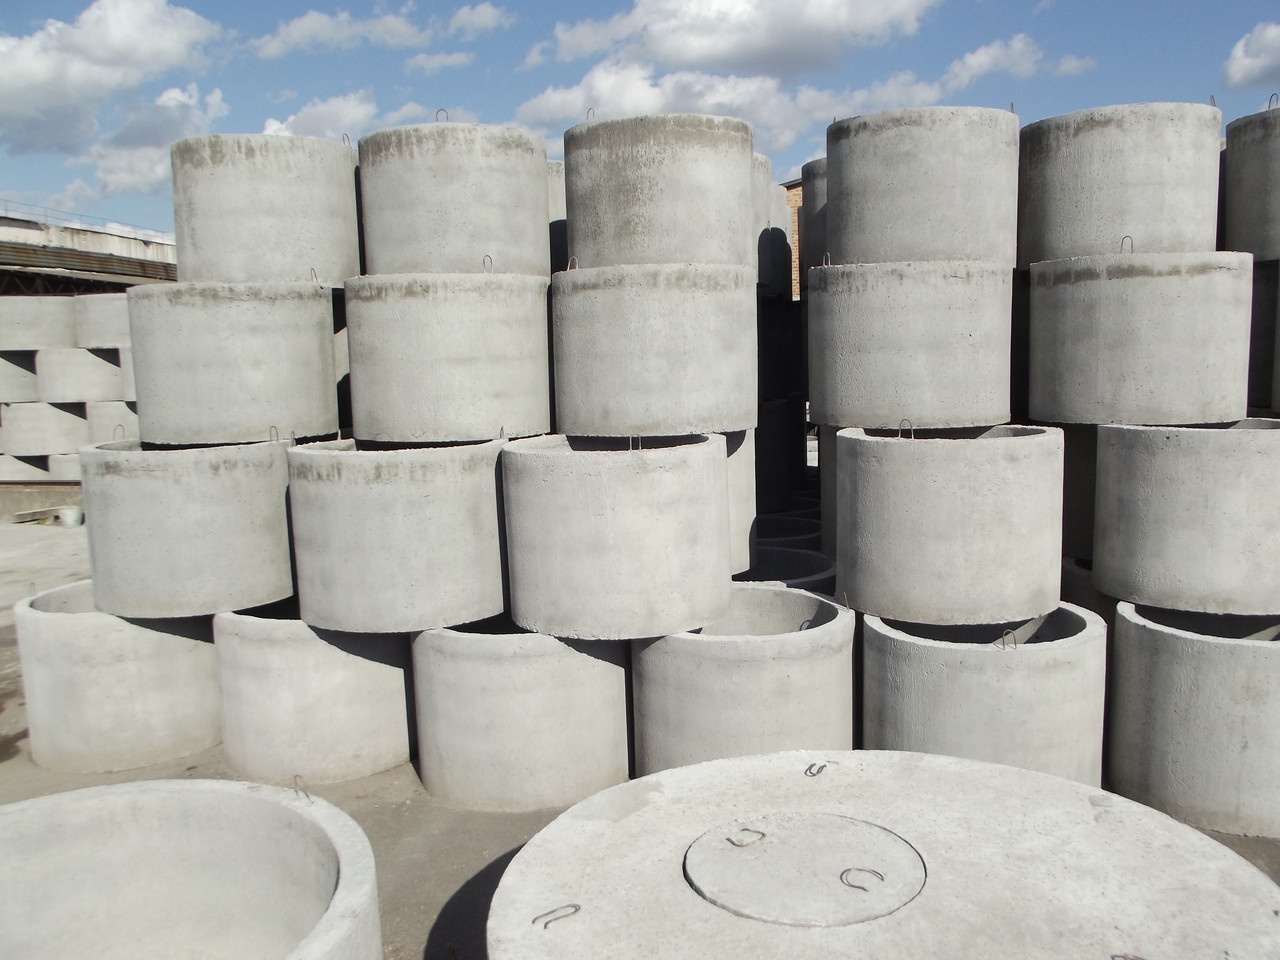 Жбк цена бетона купить бетон копылов